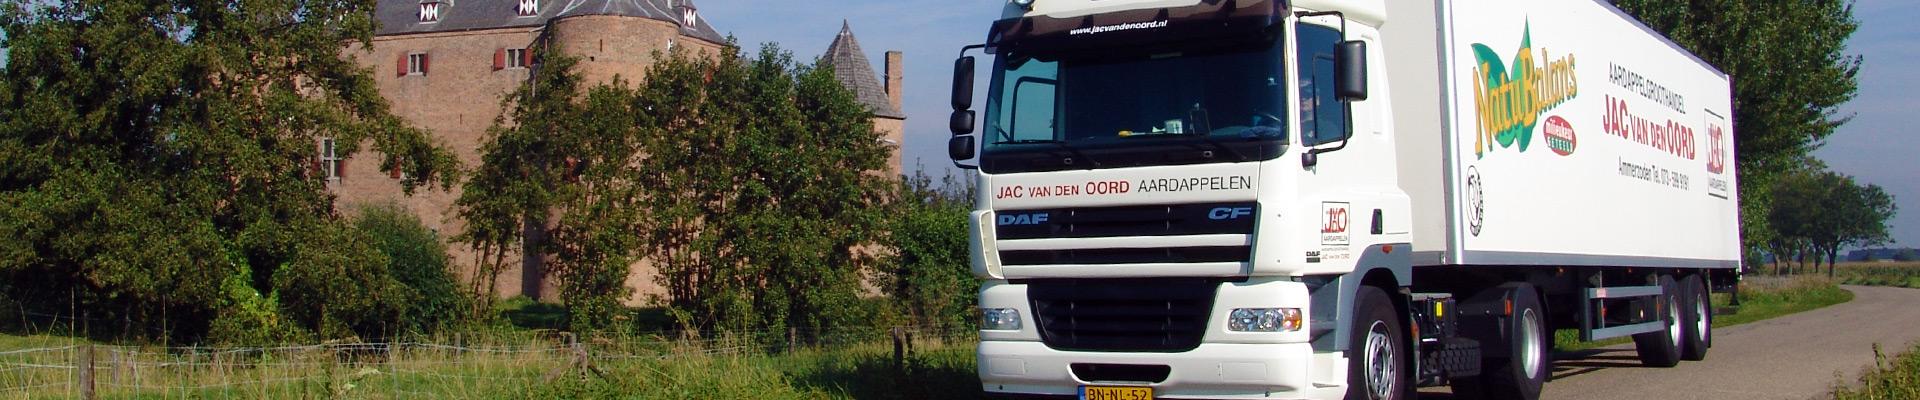 Header_08_JvdO